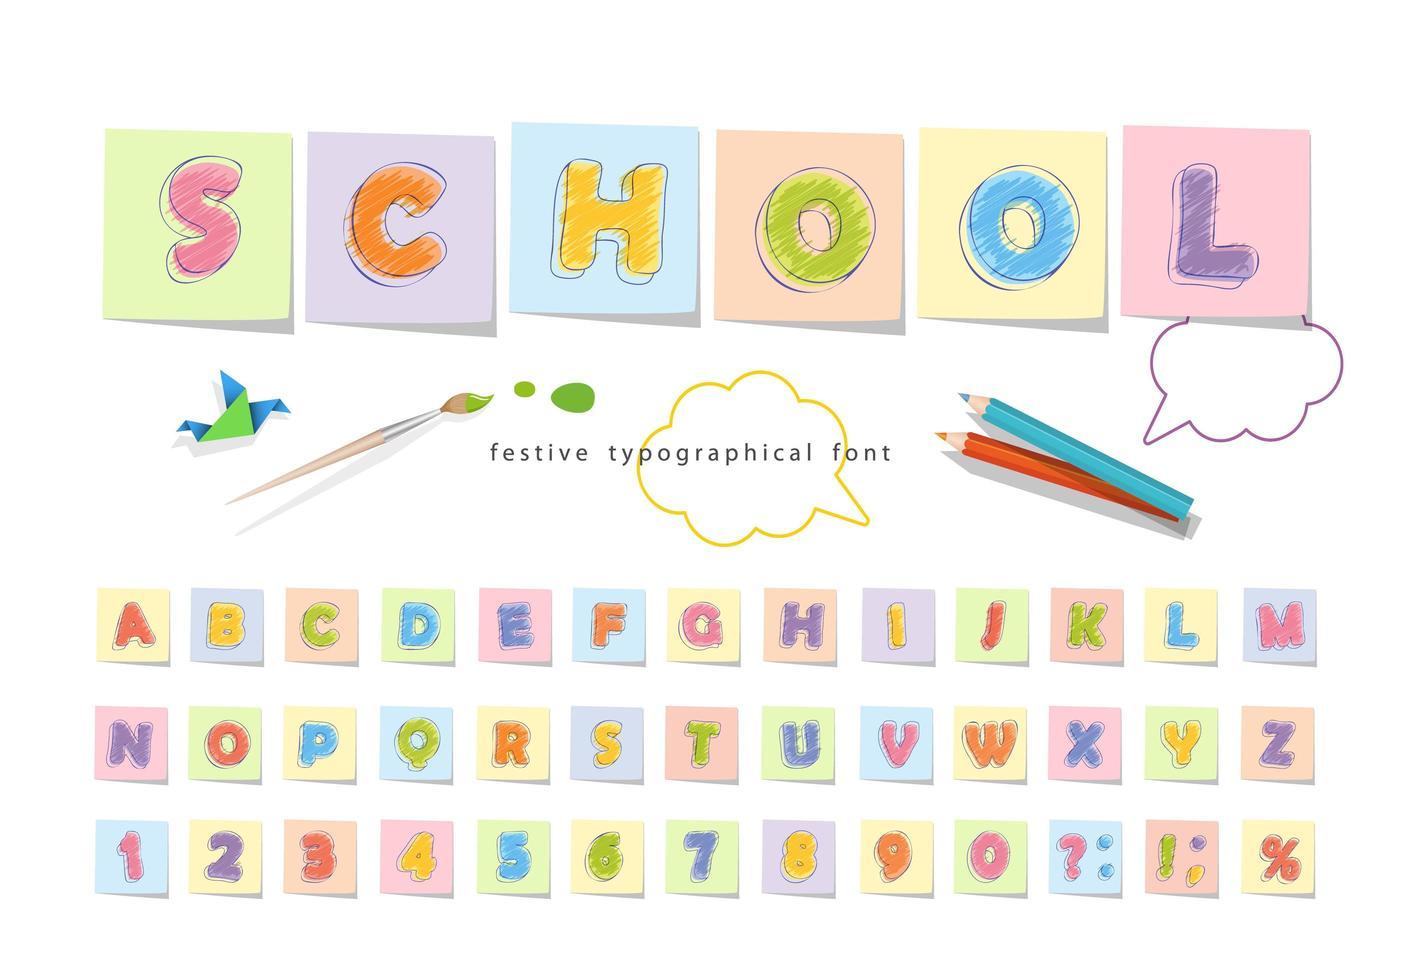 matita pastello font per bambini vettore